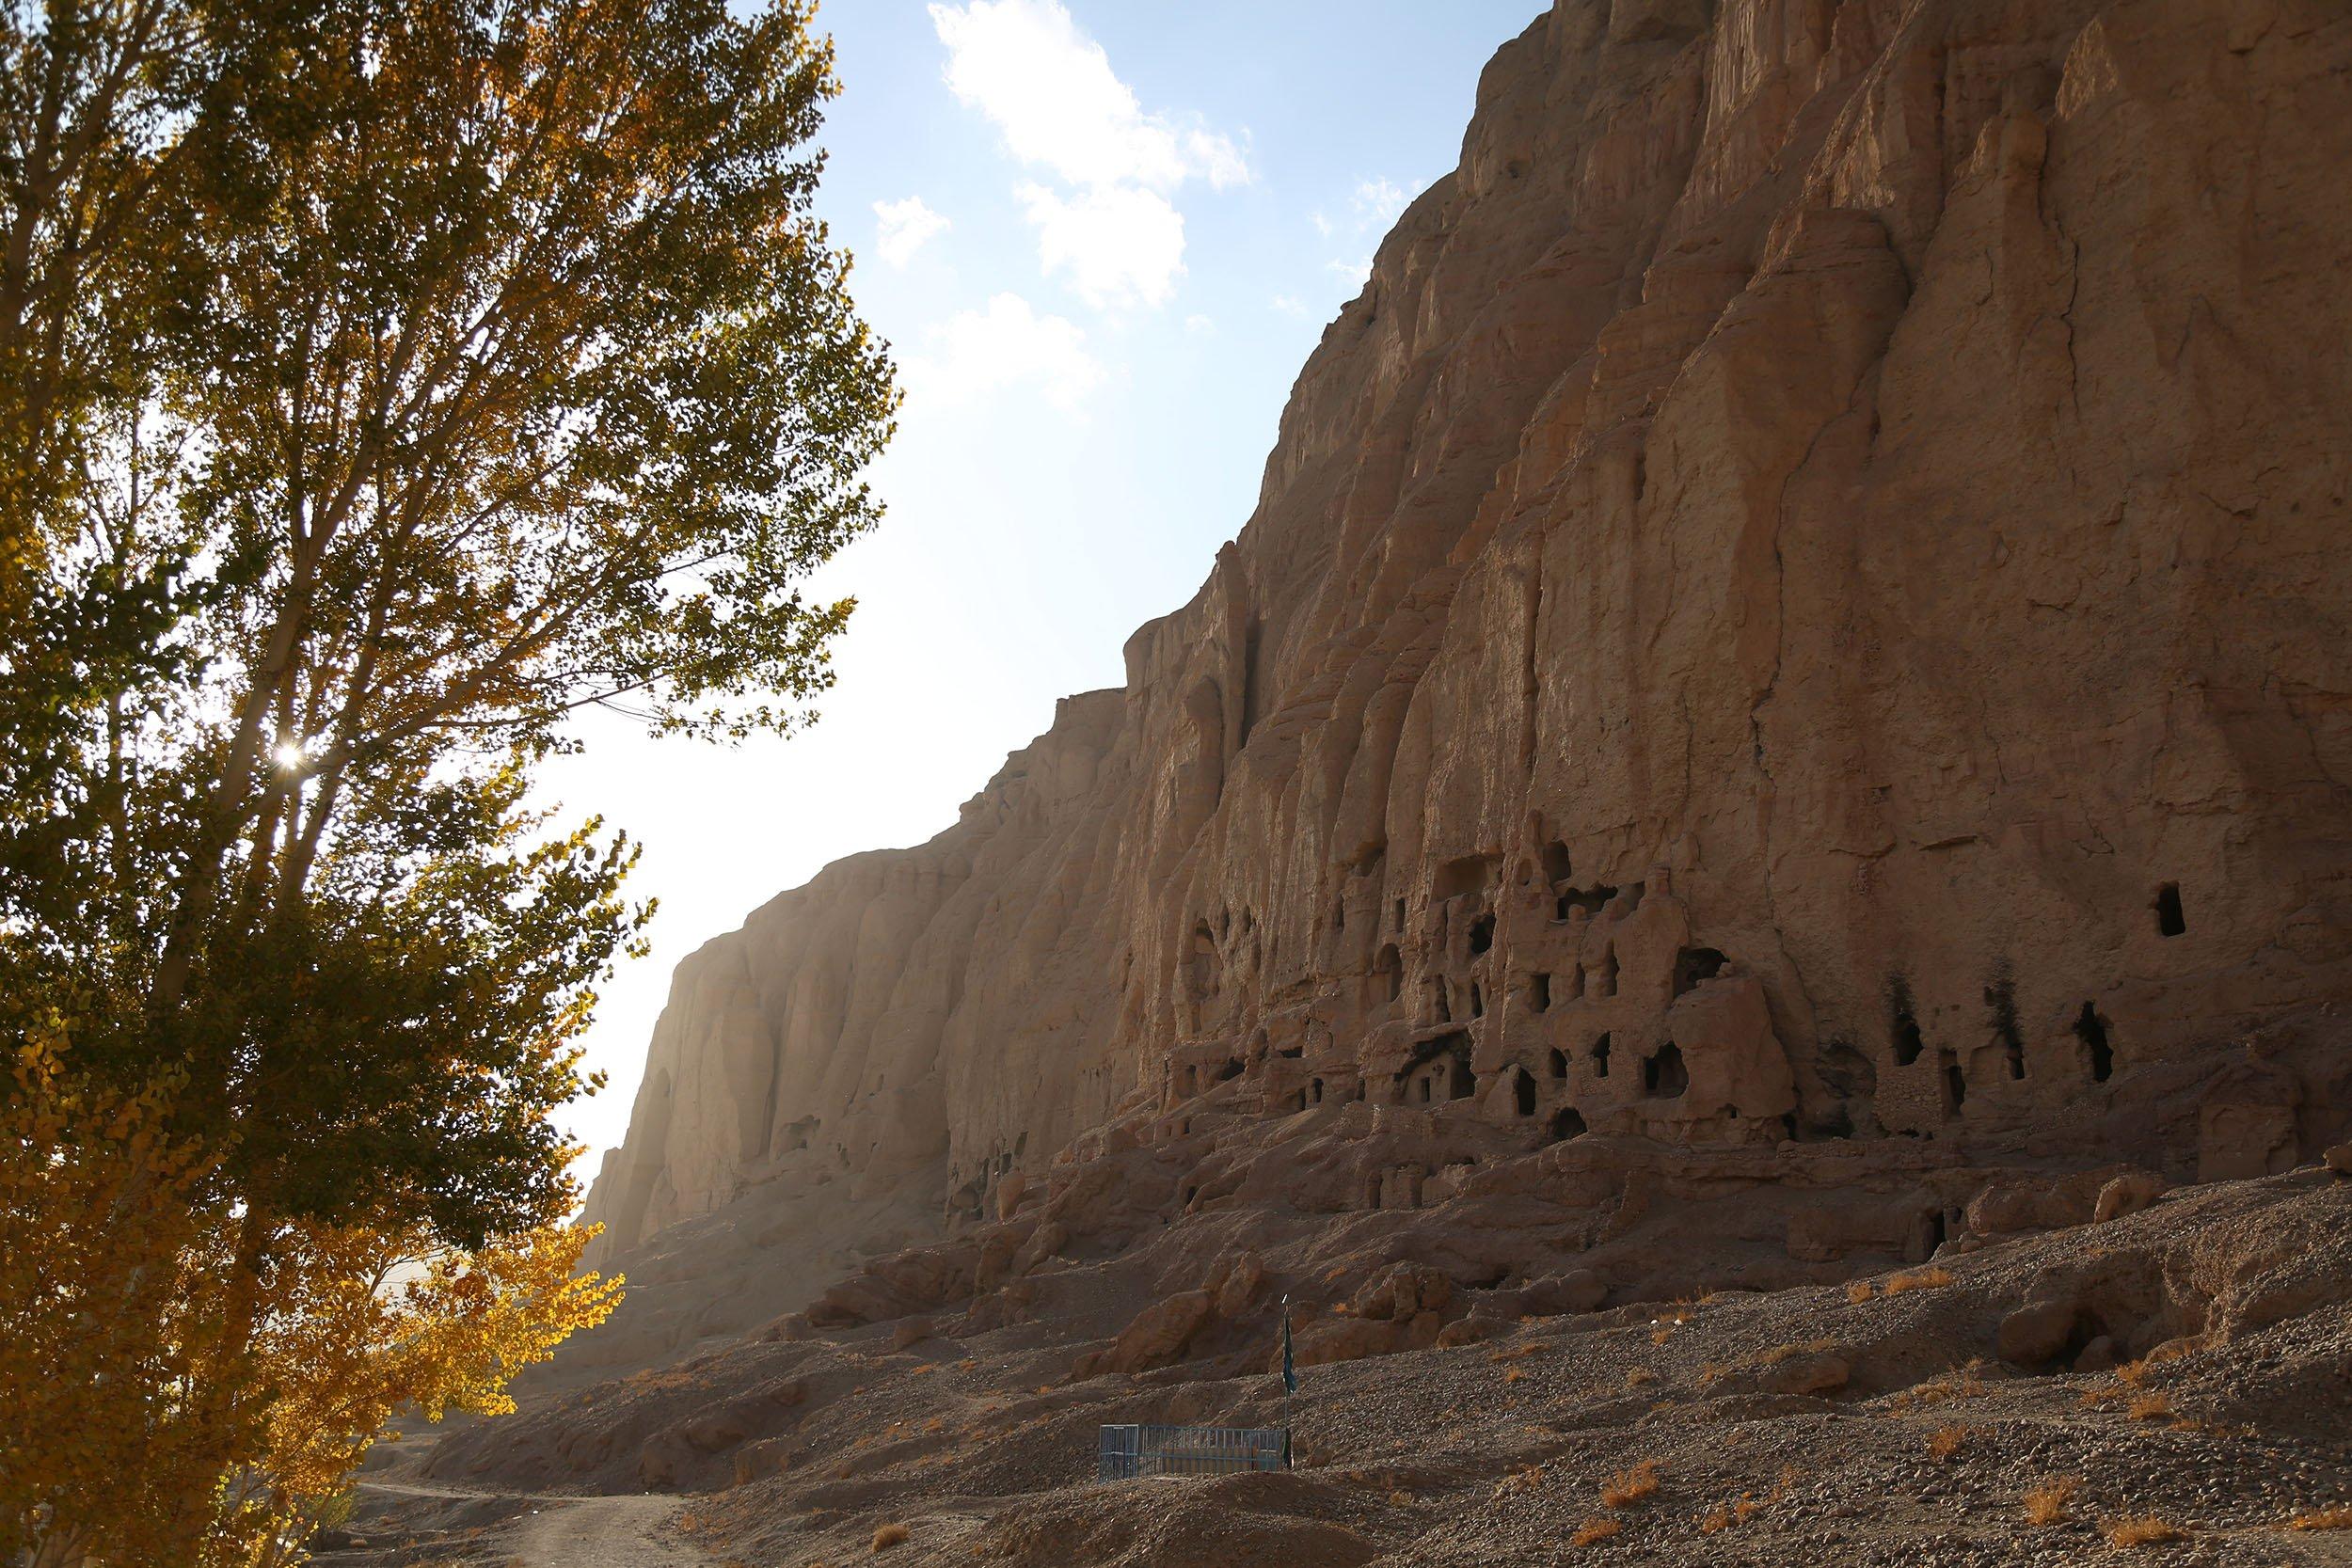 Image: Bamiyan Buddhas